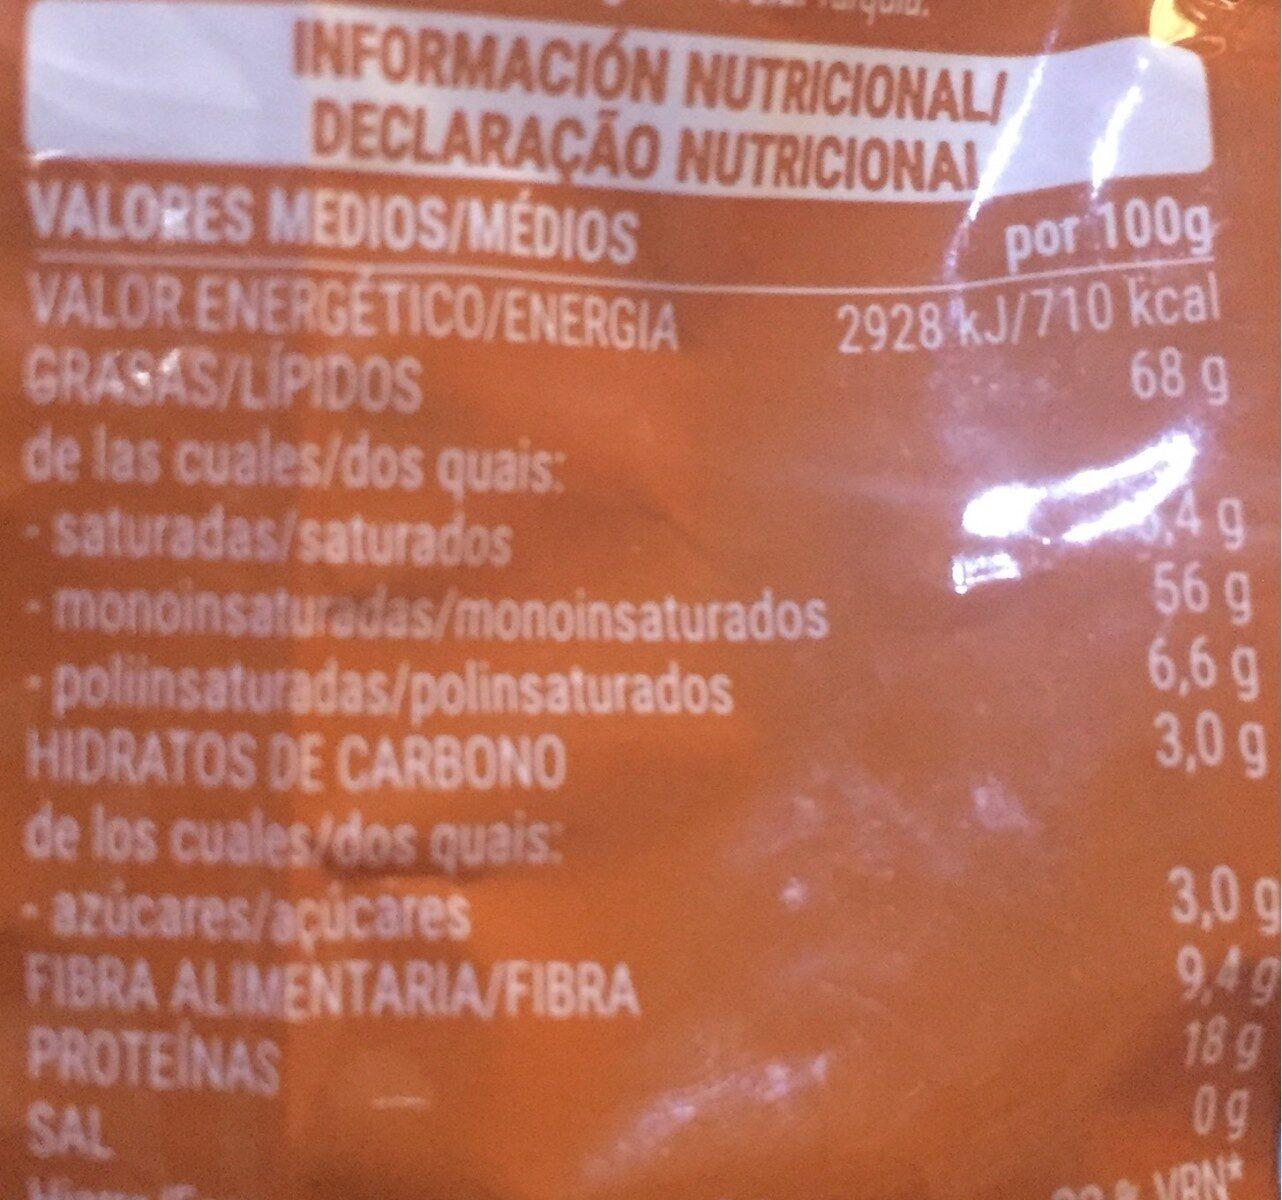 Avellana Tostada 0% Sal Añadida - Información nutricional - es